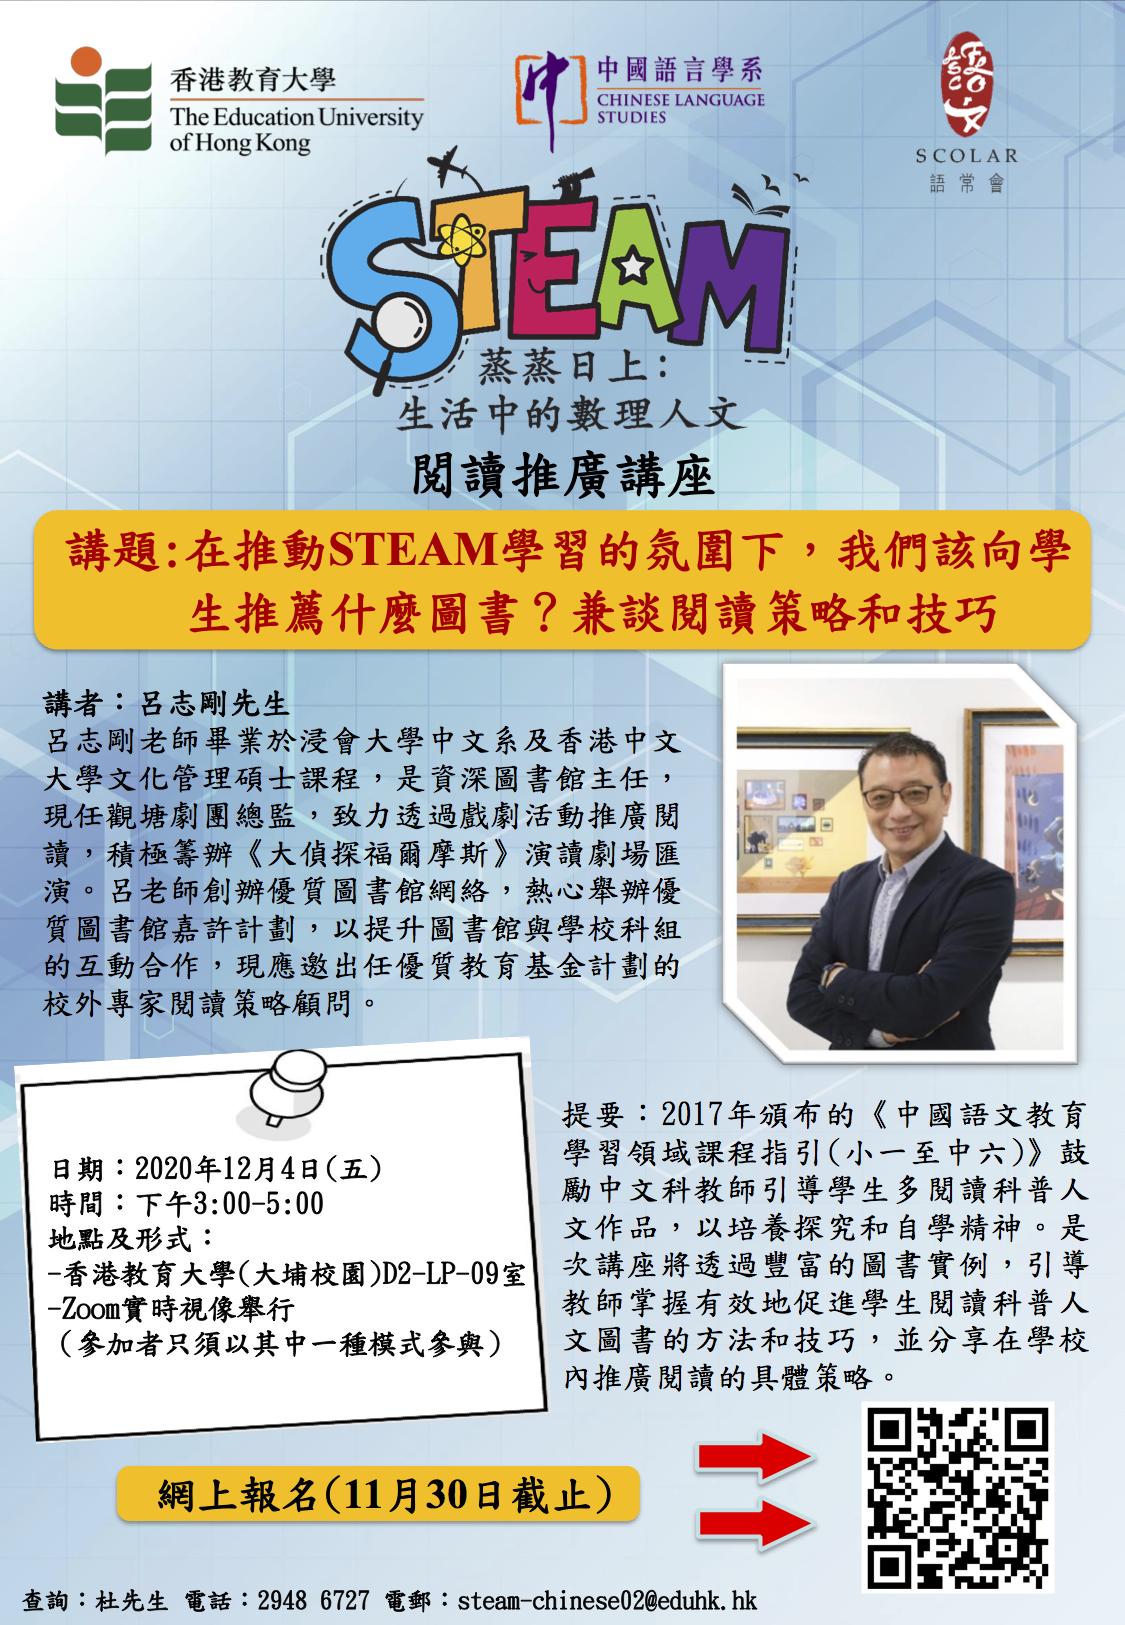 《孩子的科研夢》閱讀延伸活動: 「STEAM蒸蒸日上:生活中的數理人文」計劃閲讀推廣講座